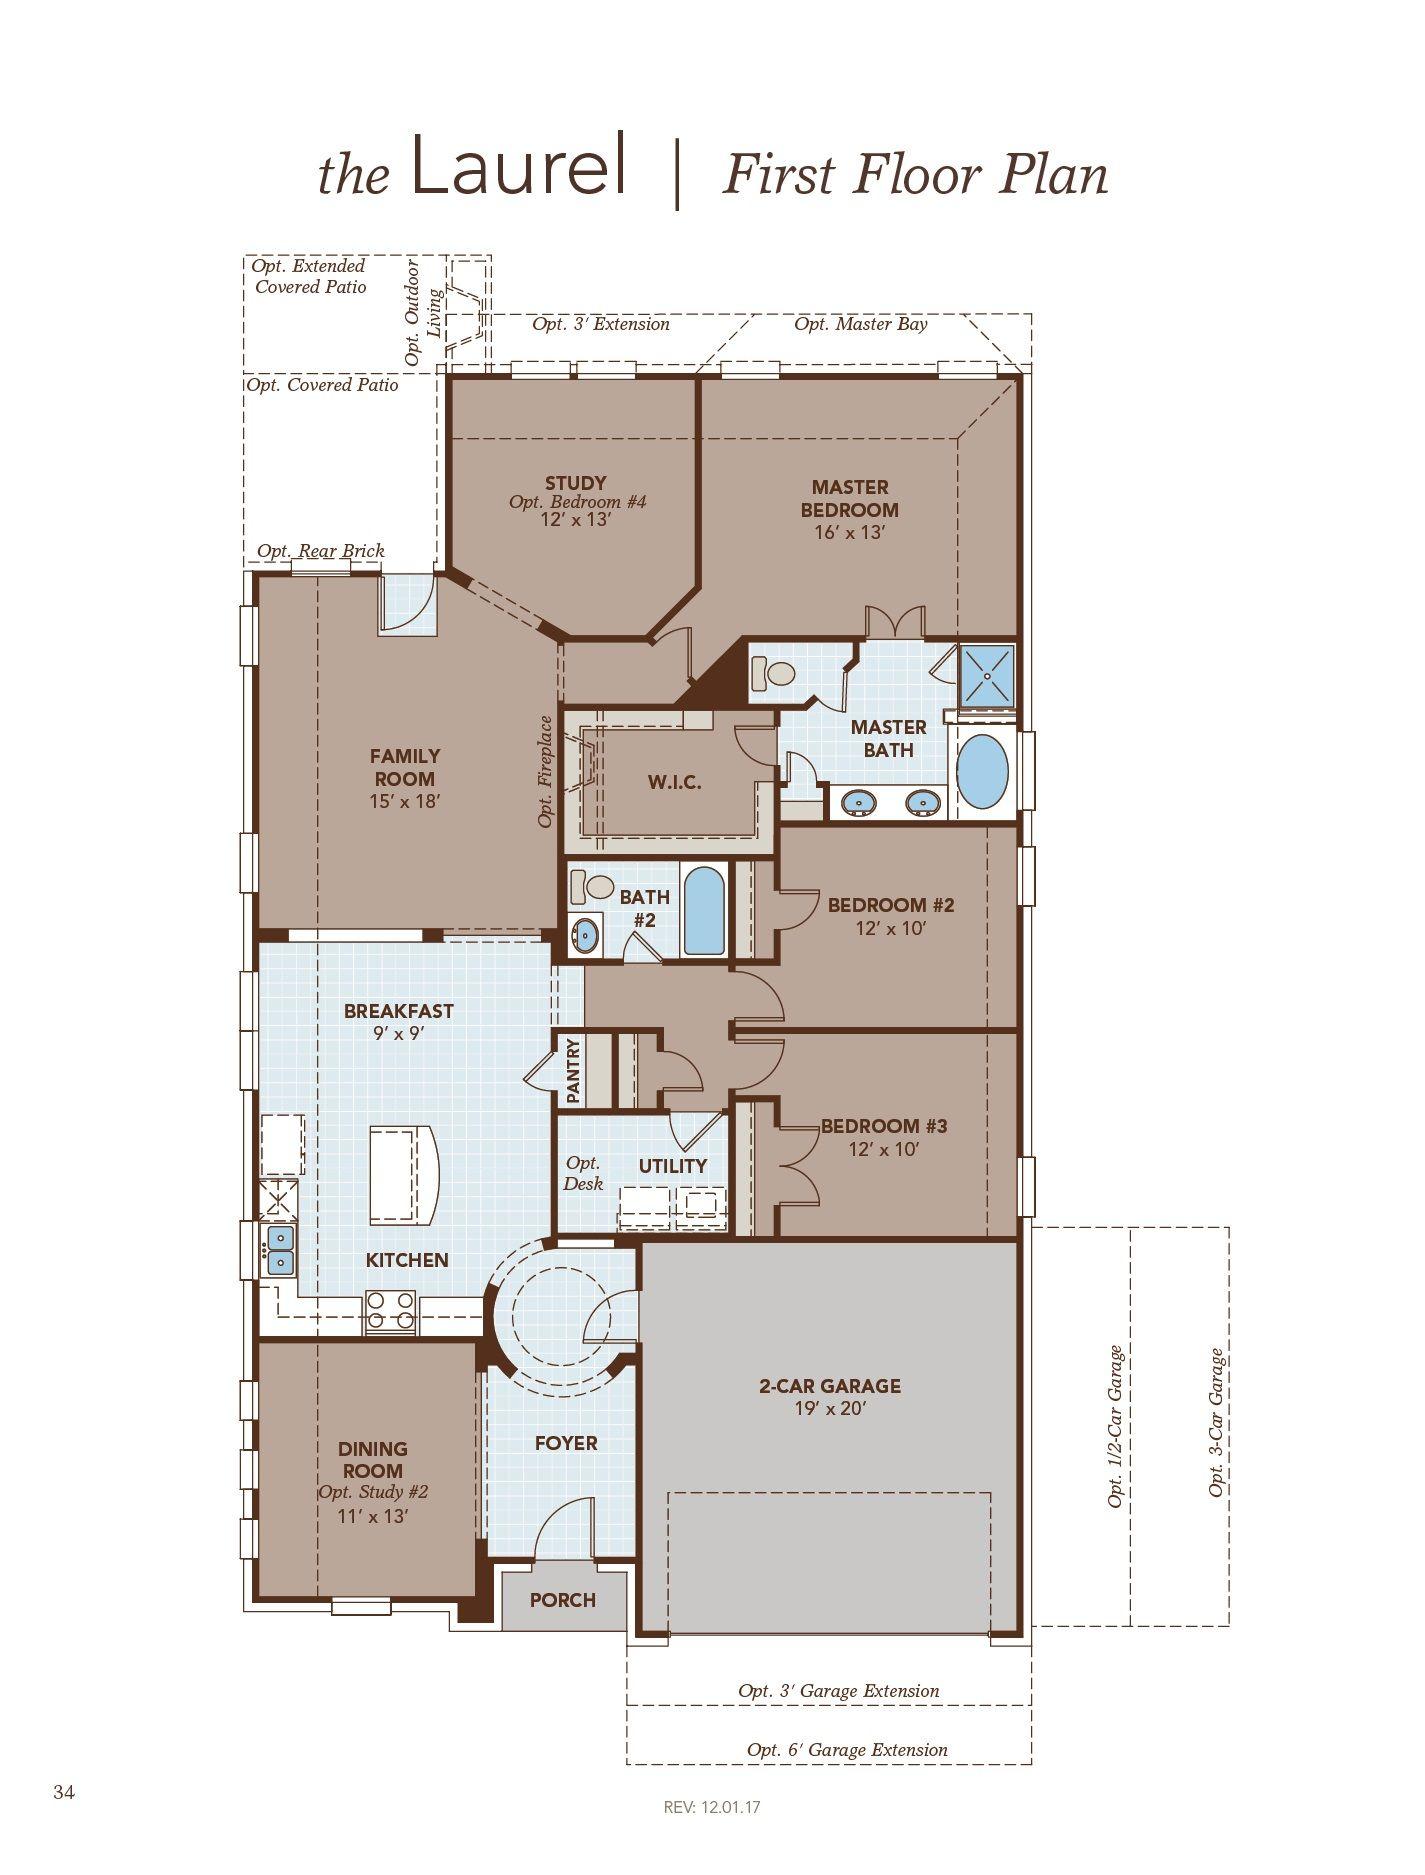 Laurel First Floor Plan